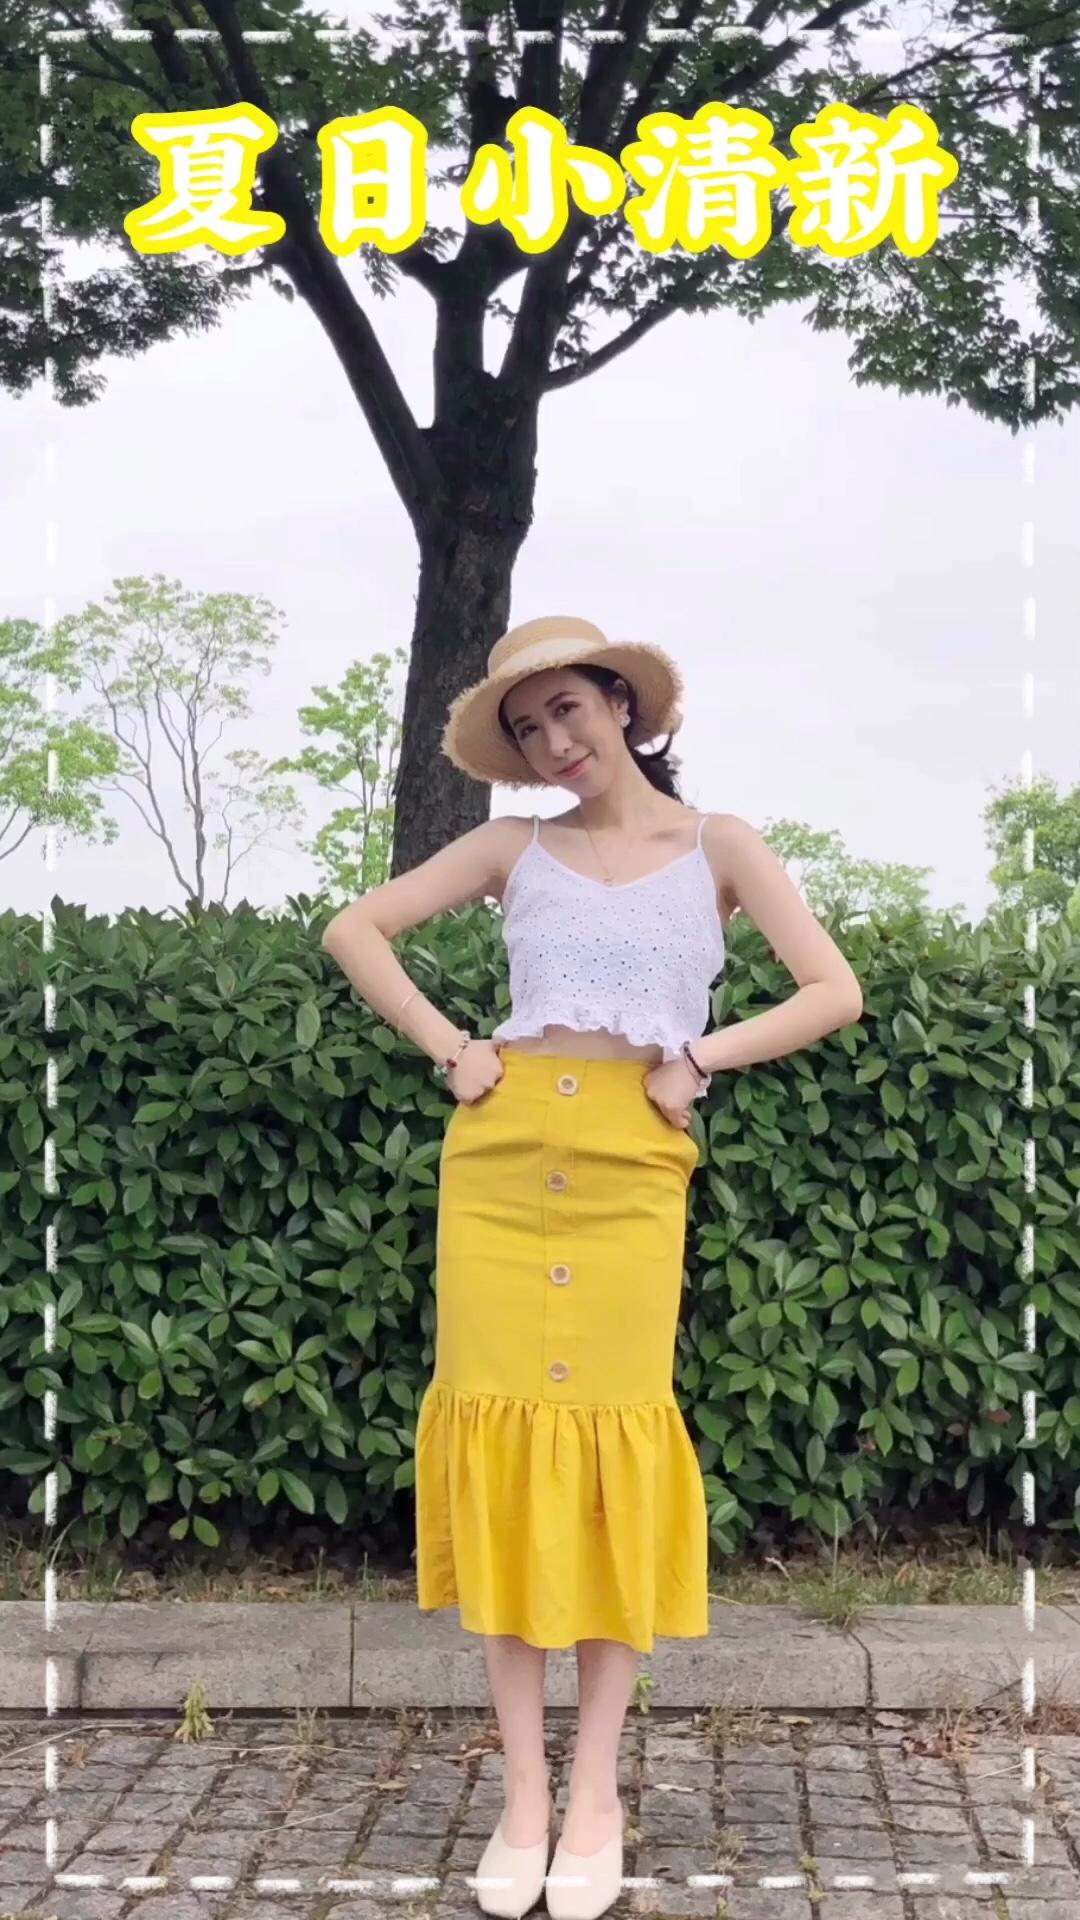 #高腰match小个子,绝配!# 鱼尾半身裙真的很显身材尤其适合宽胯肥臀的女生。 明眸的黄色,搭配小吊带,超级适合夏日度假。 甜甜的女孩子👧🏻最需要了。